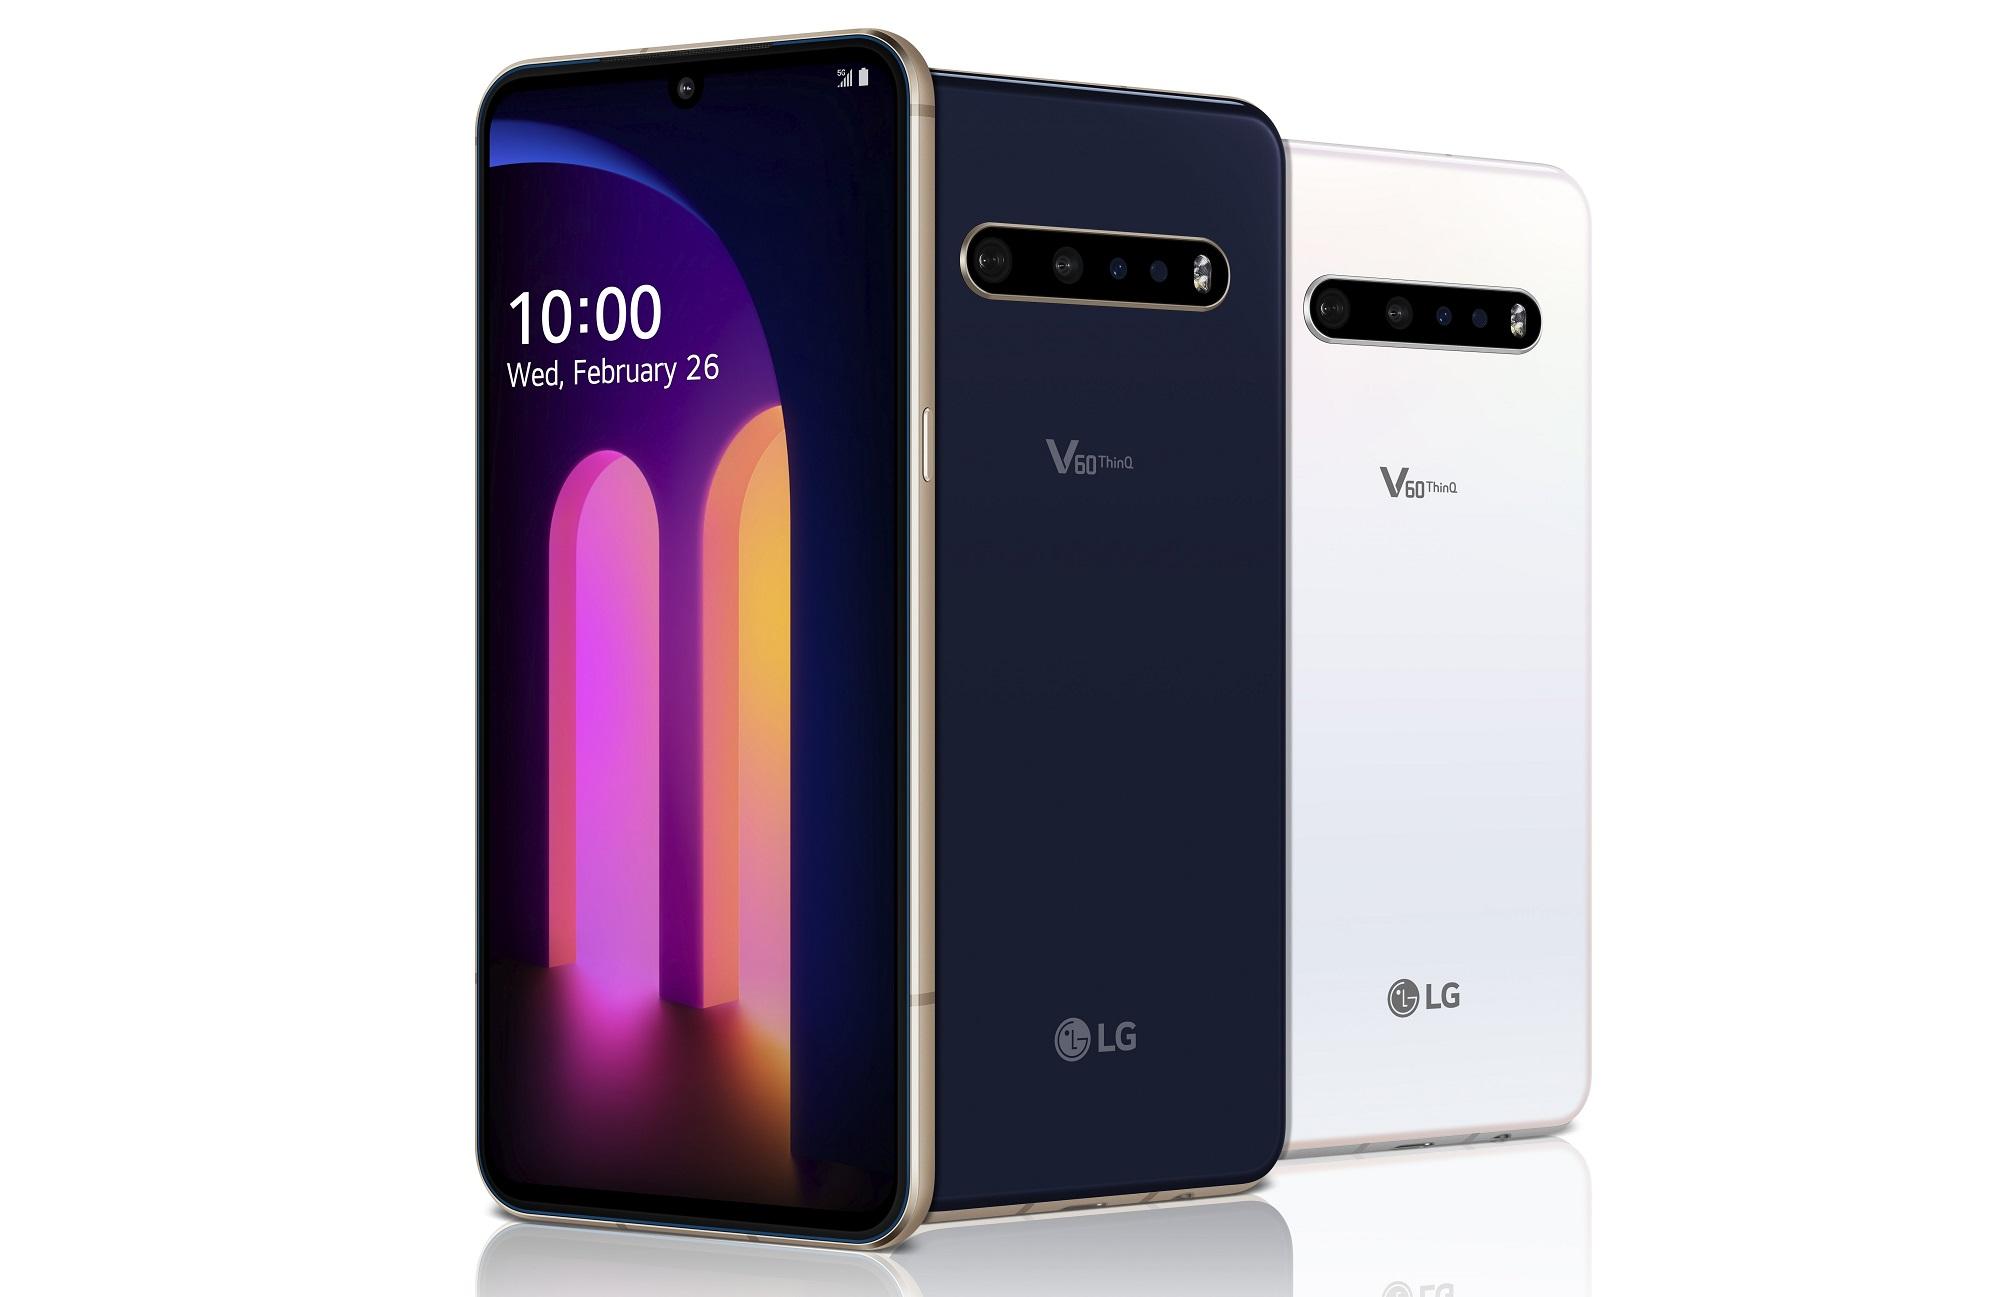 smartphone LG V60 ThinQ 5G